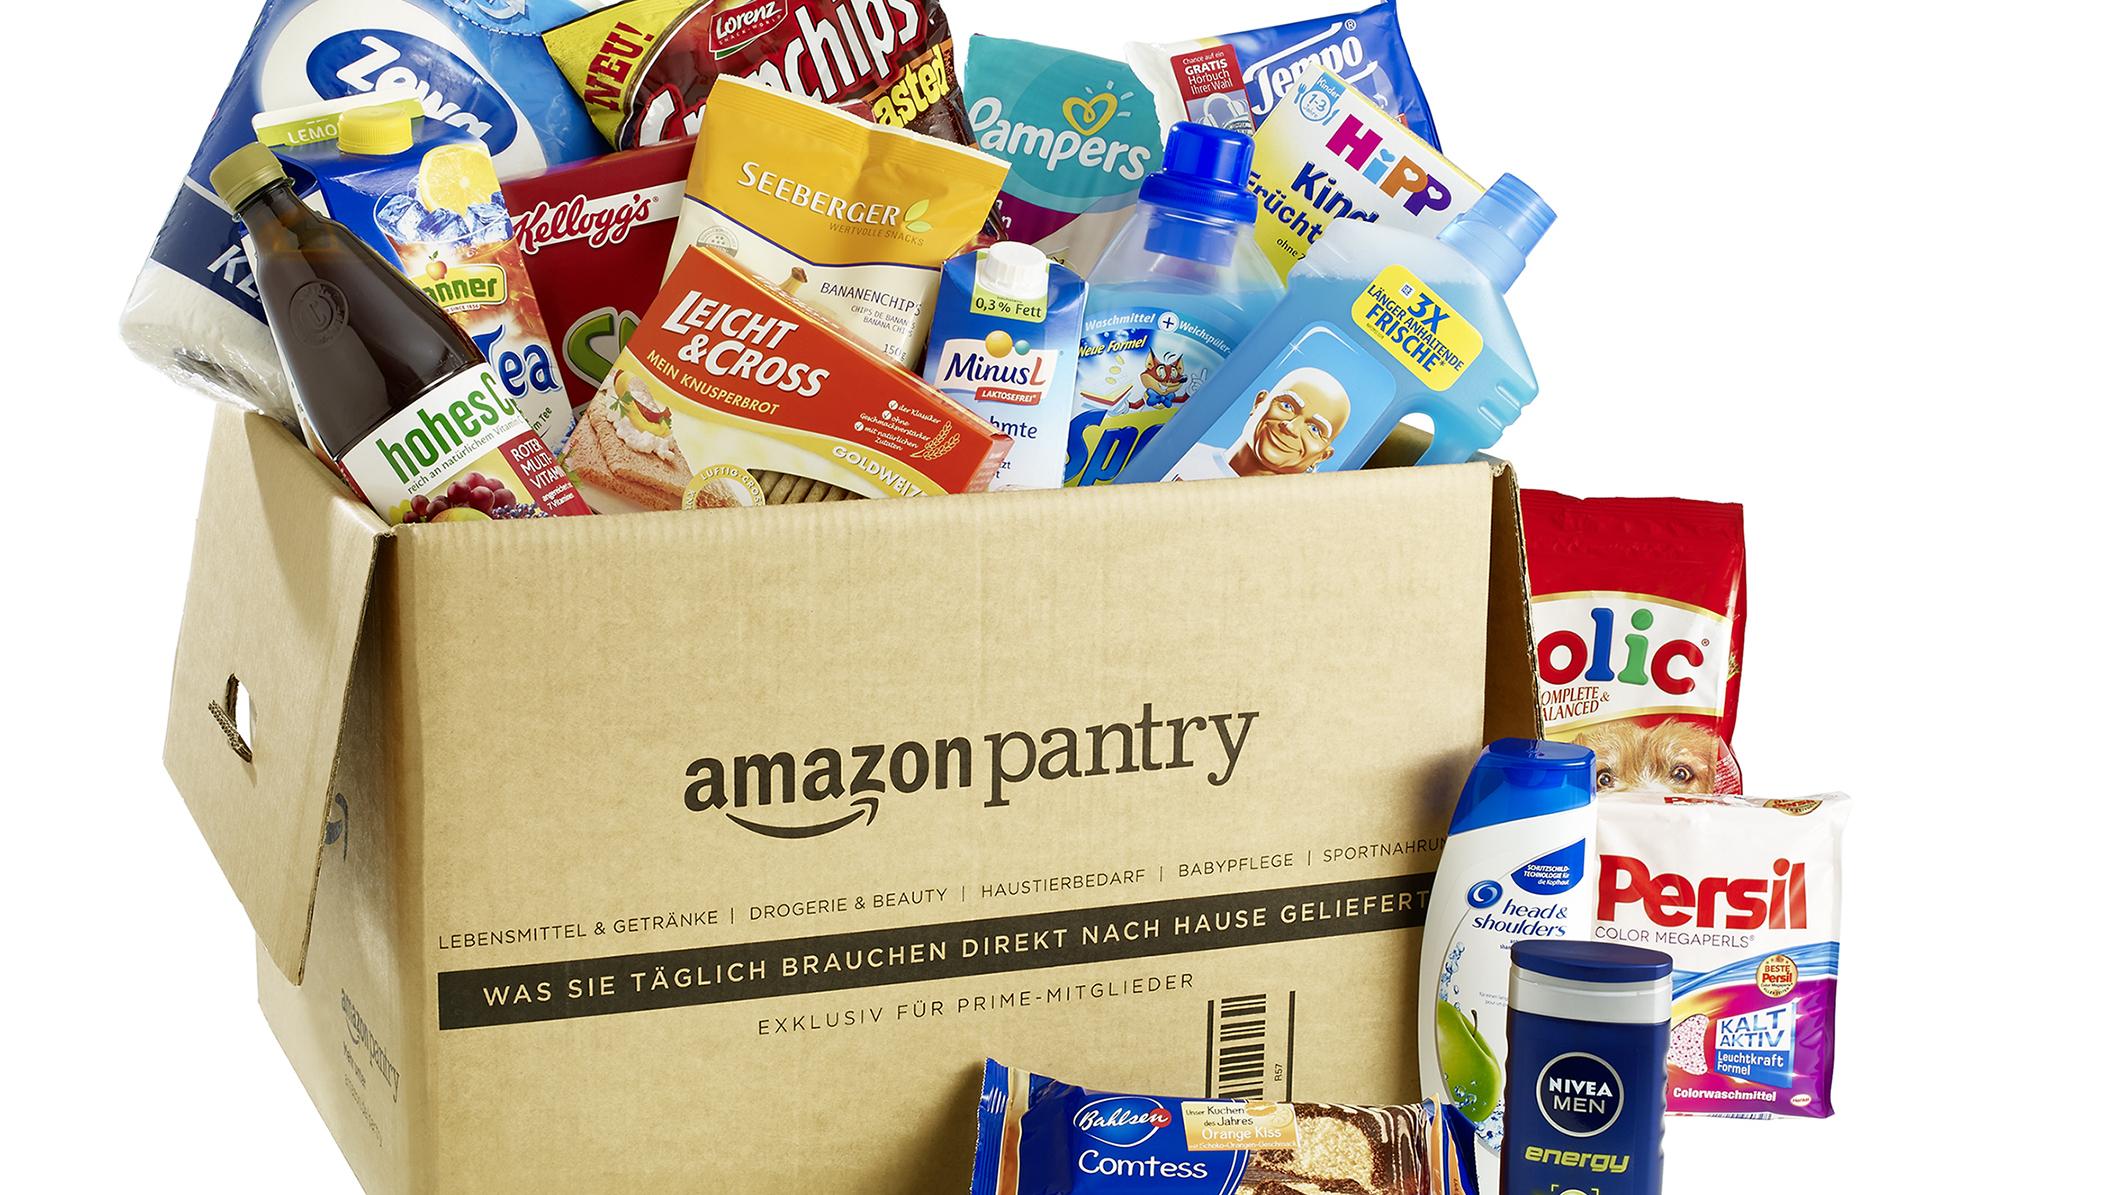 [Amazon Pantry] Aktionen kombinieren und Milch, Pesto und After Sun Lotion gratis erhalten (und mehr)